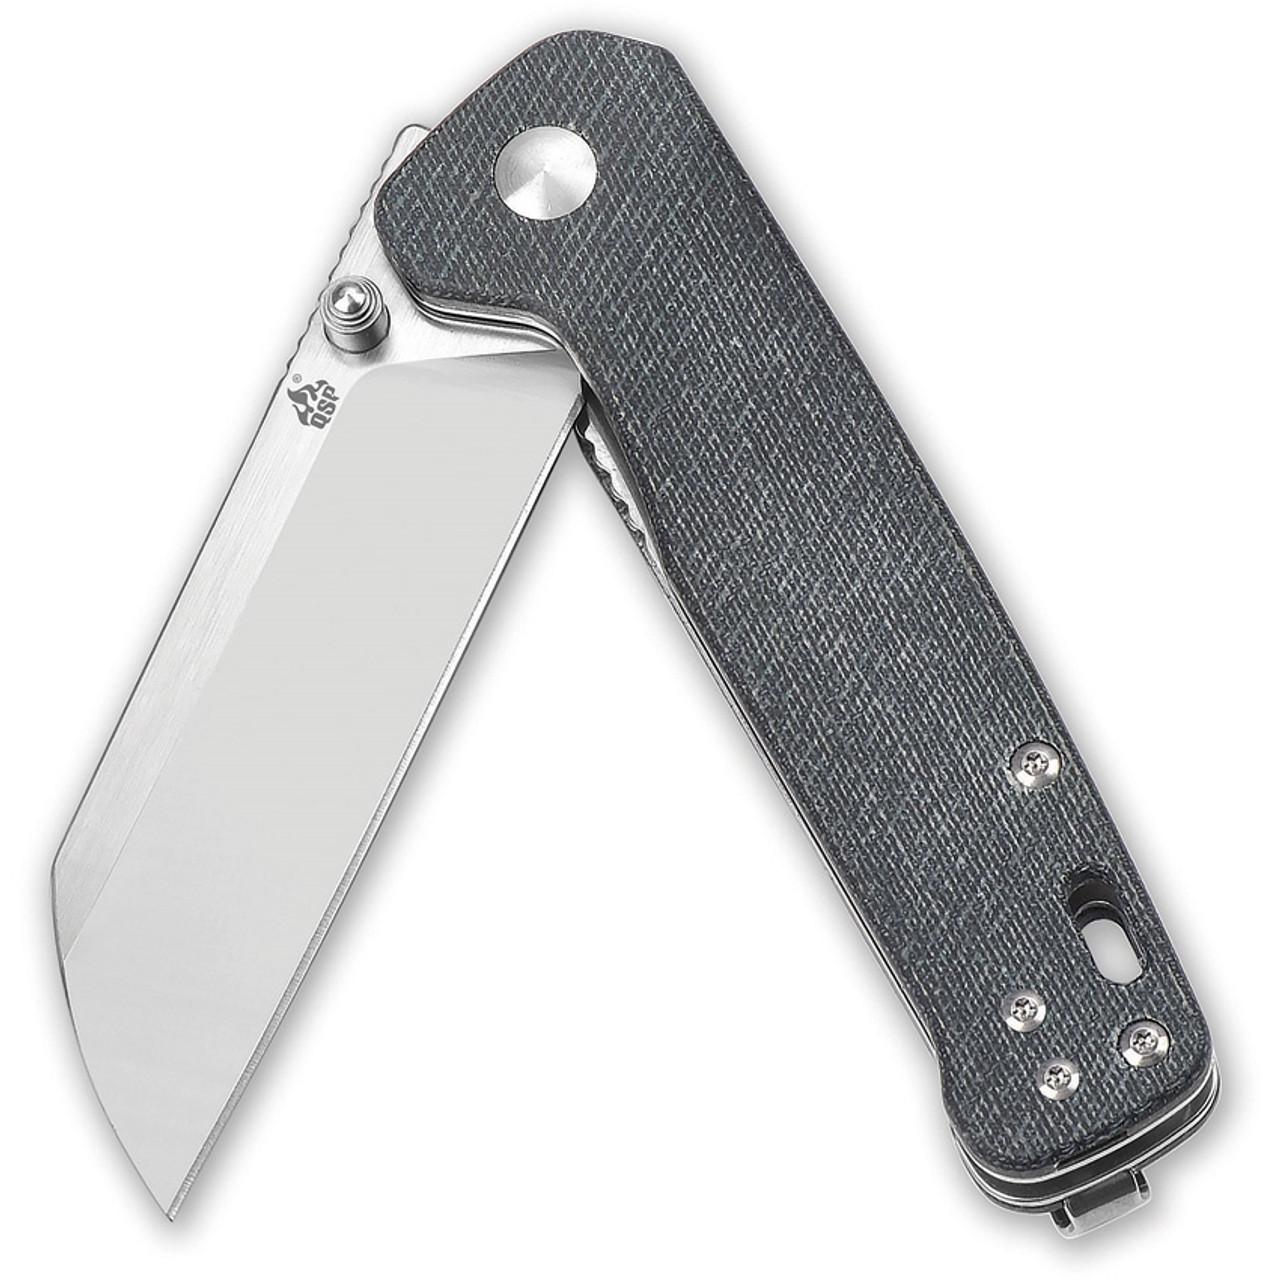 QSP QS130-B Penguin Jean Micarta D2 Blade